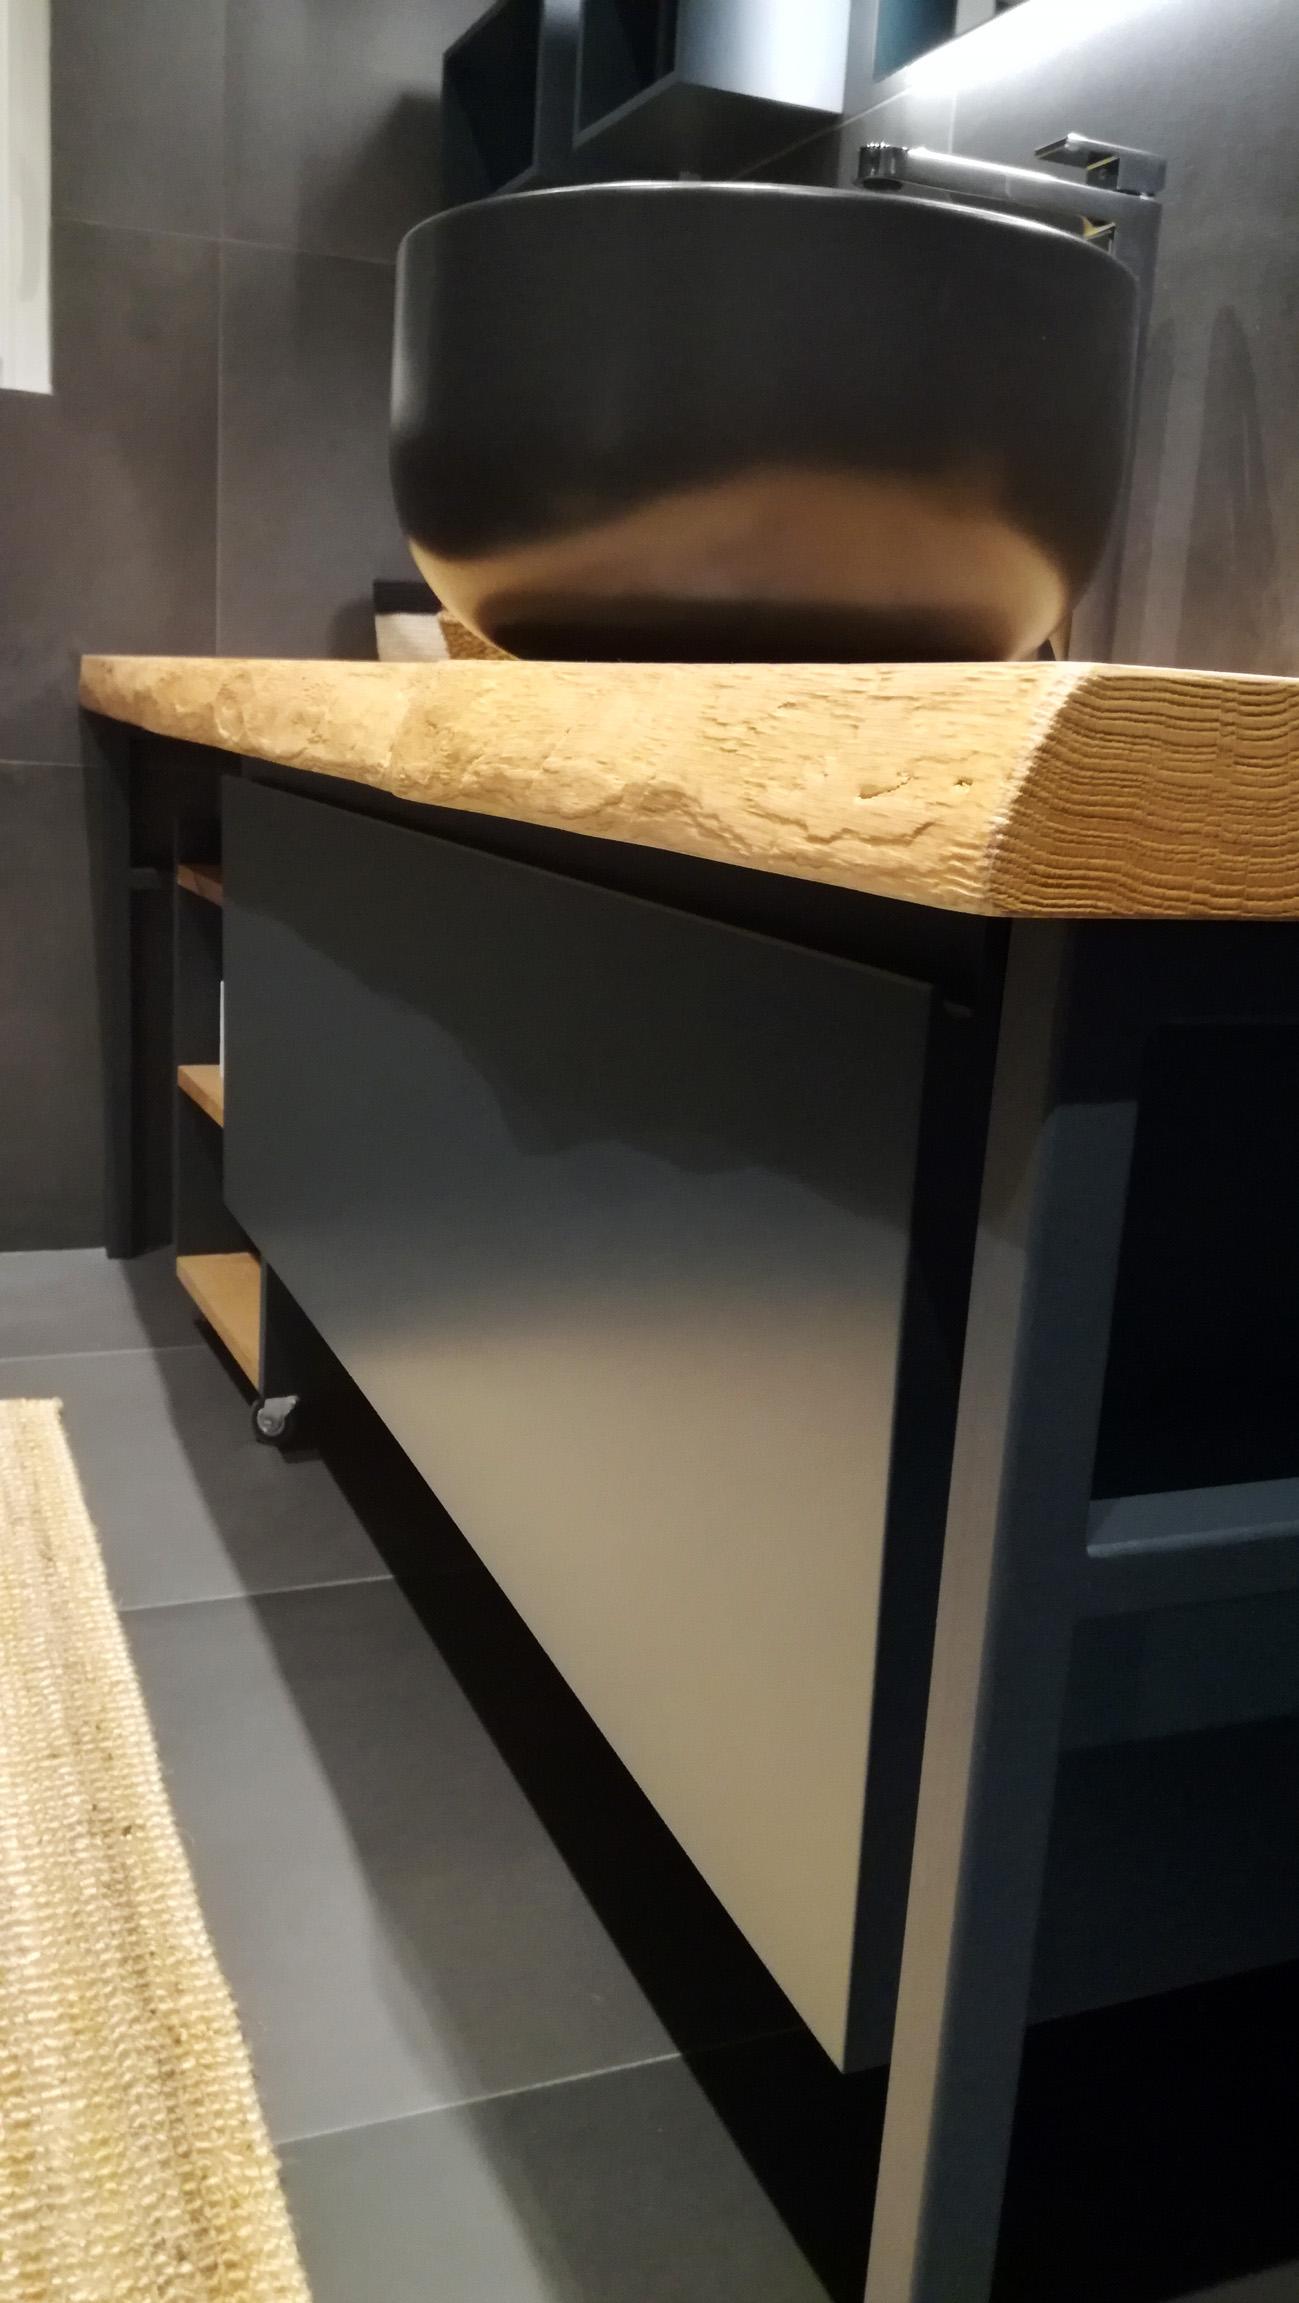 Mobile bagno industrial black con pianale in legno scortecciato arredamenti barin - Mobile sottolavello bagno ...